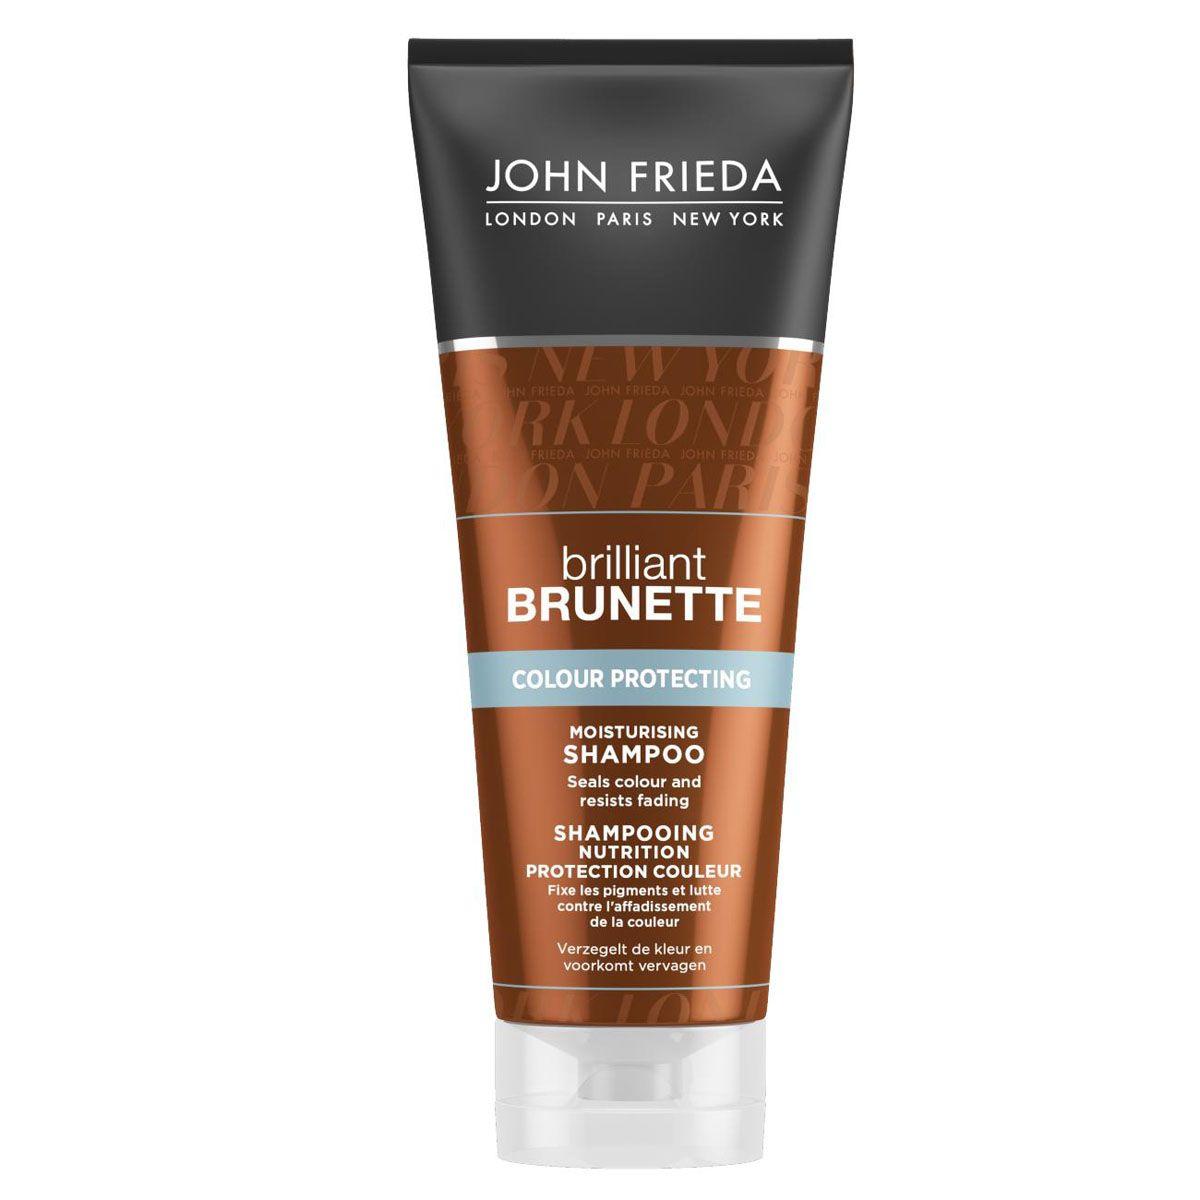 John Frieda Увлажняющий шампунь для защиты цвета темных волос Brilliant Brunette COLOUR PROTECTING 250 млMP59.4DЗакрепляет цвет и поддерживает его интенсивность. Сохраните красоту и стойкость цвета волос. Увлажняющий шампунь поможет защитить и сохранить цвет темных волос, компенсируя недостающую влагу сухим и окрашенным темным волосам.